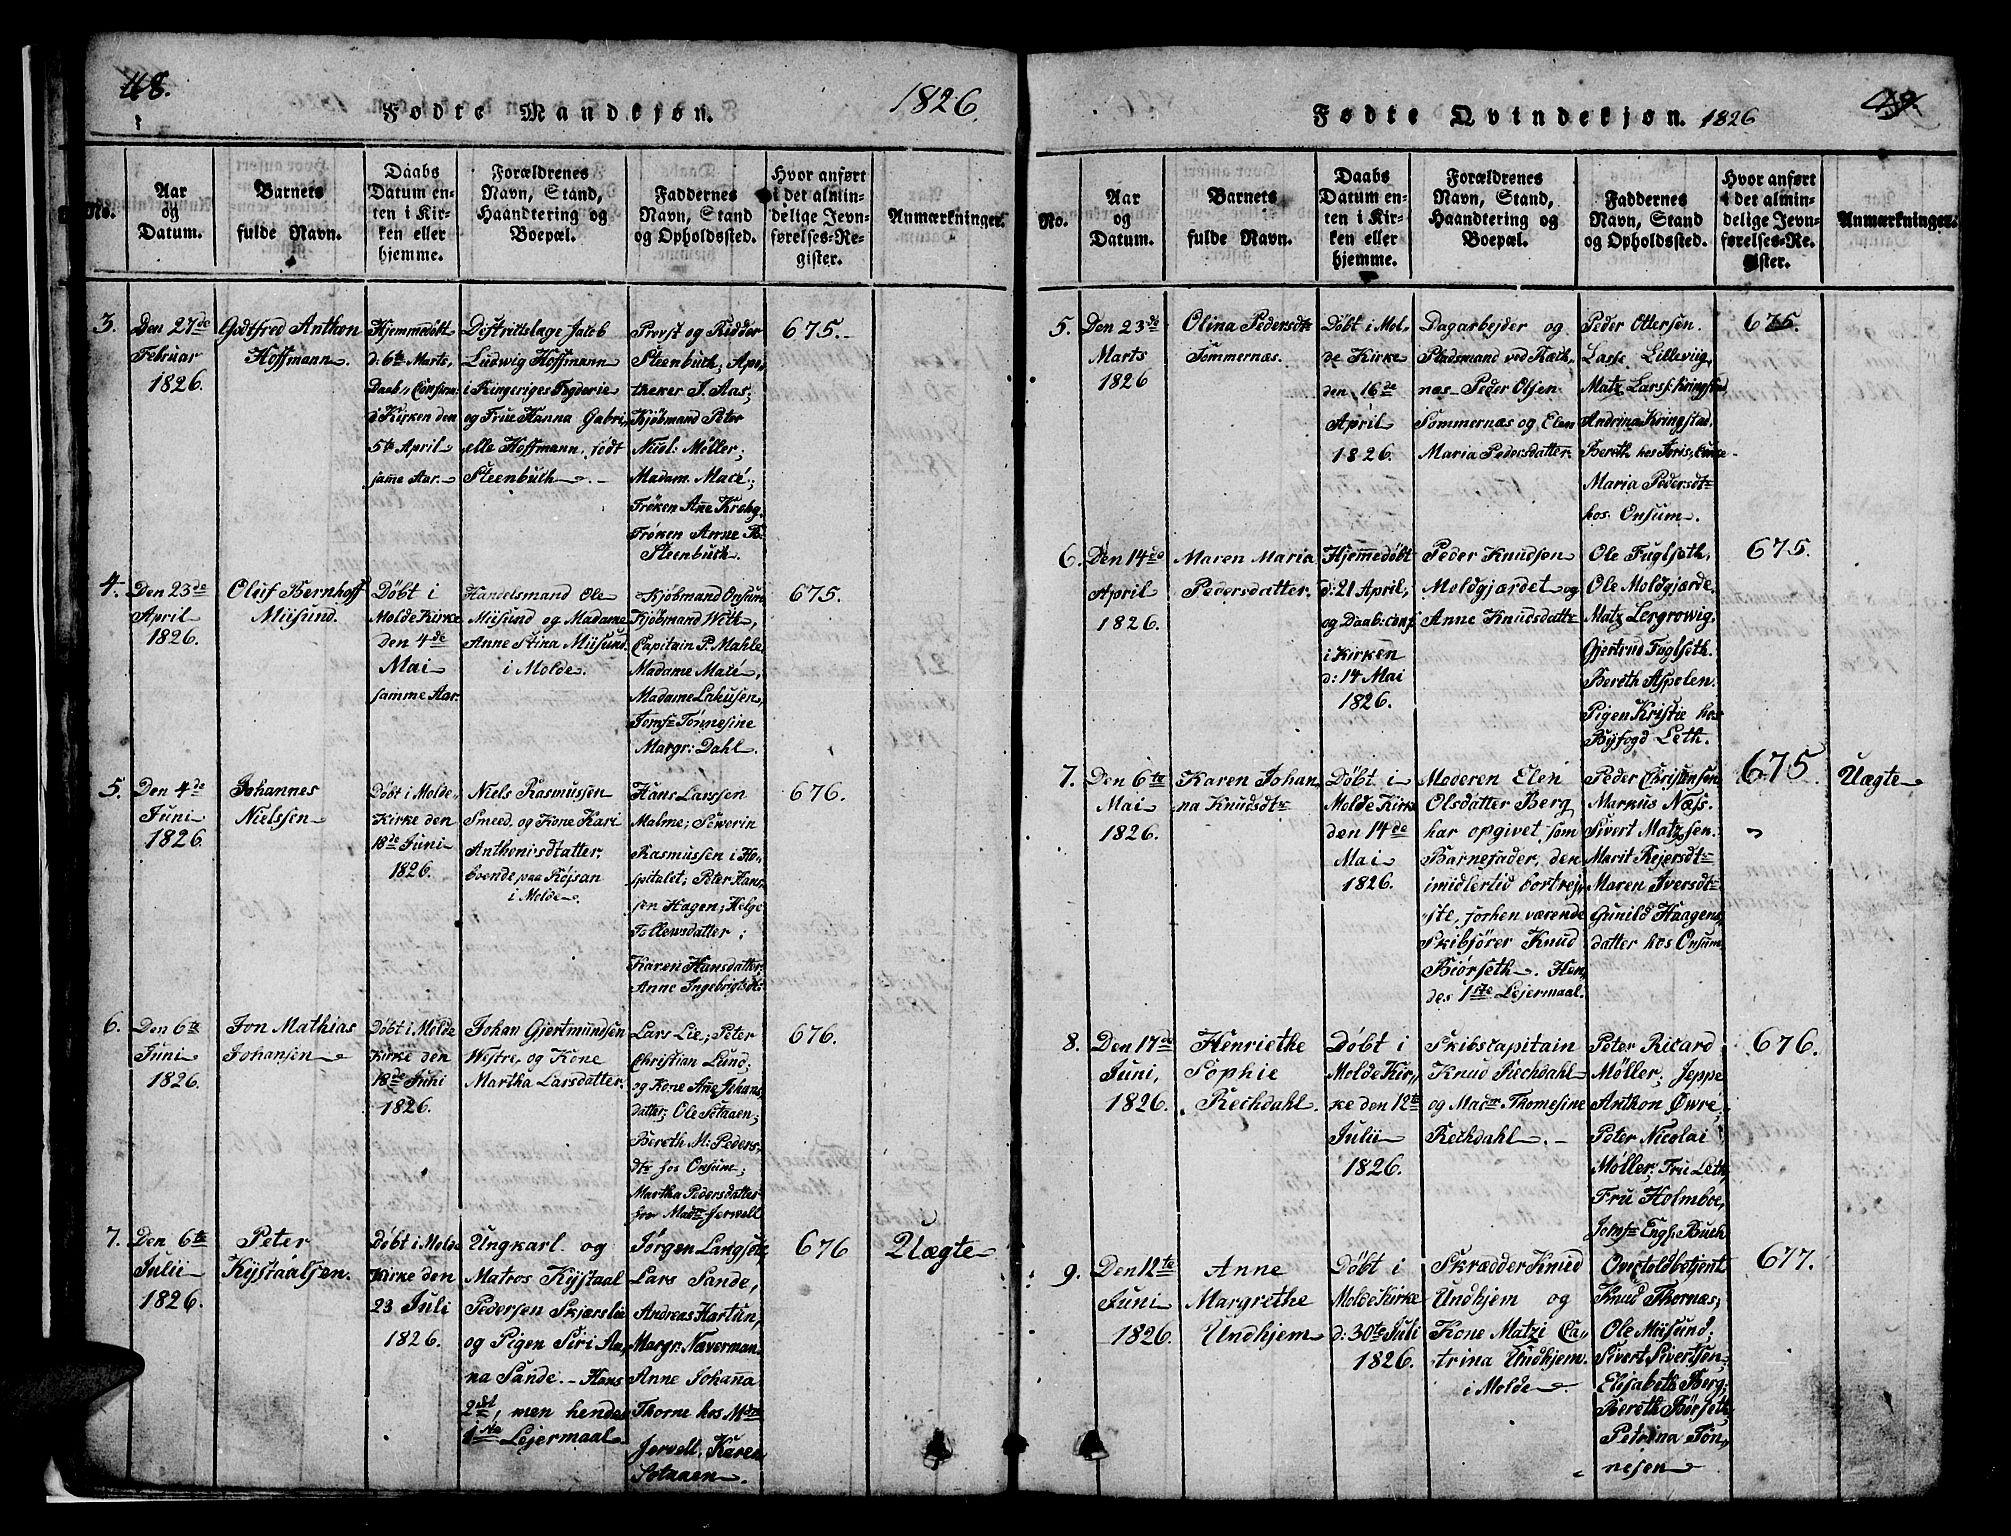 SAT, Ministerialprotokoller, klokkerbøker og fødselsregistre - Møre og Romsdal, 558/L0700: Klokkerbok nr. 558C01, 1818-1868, s. 48-49